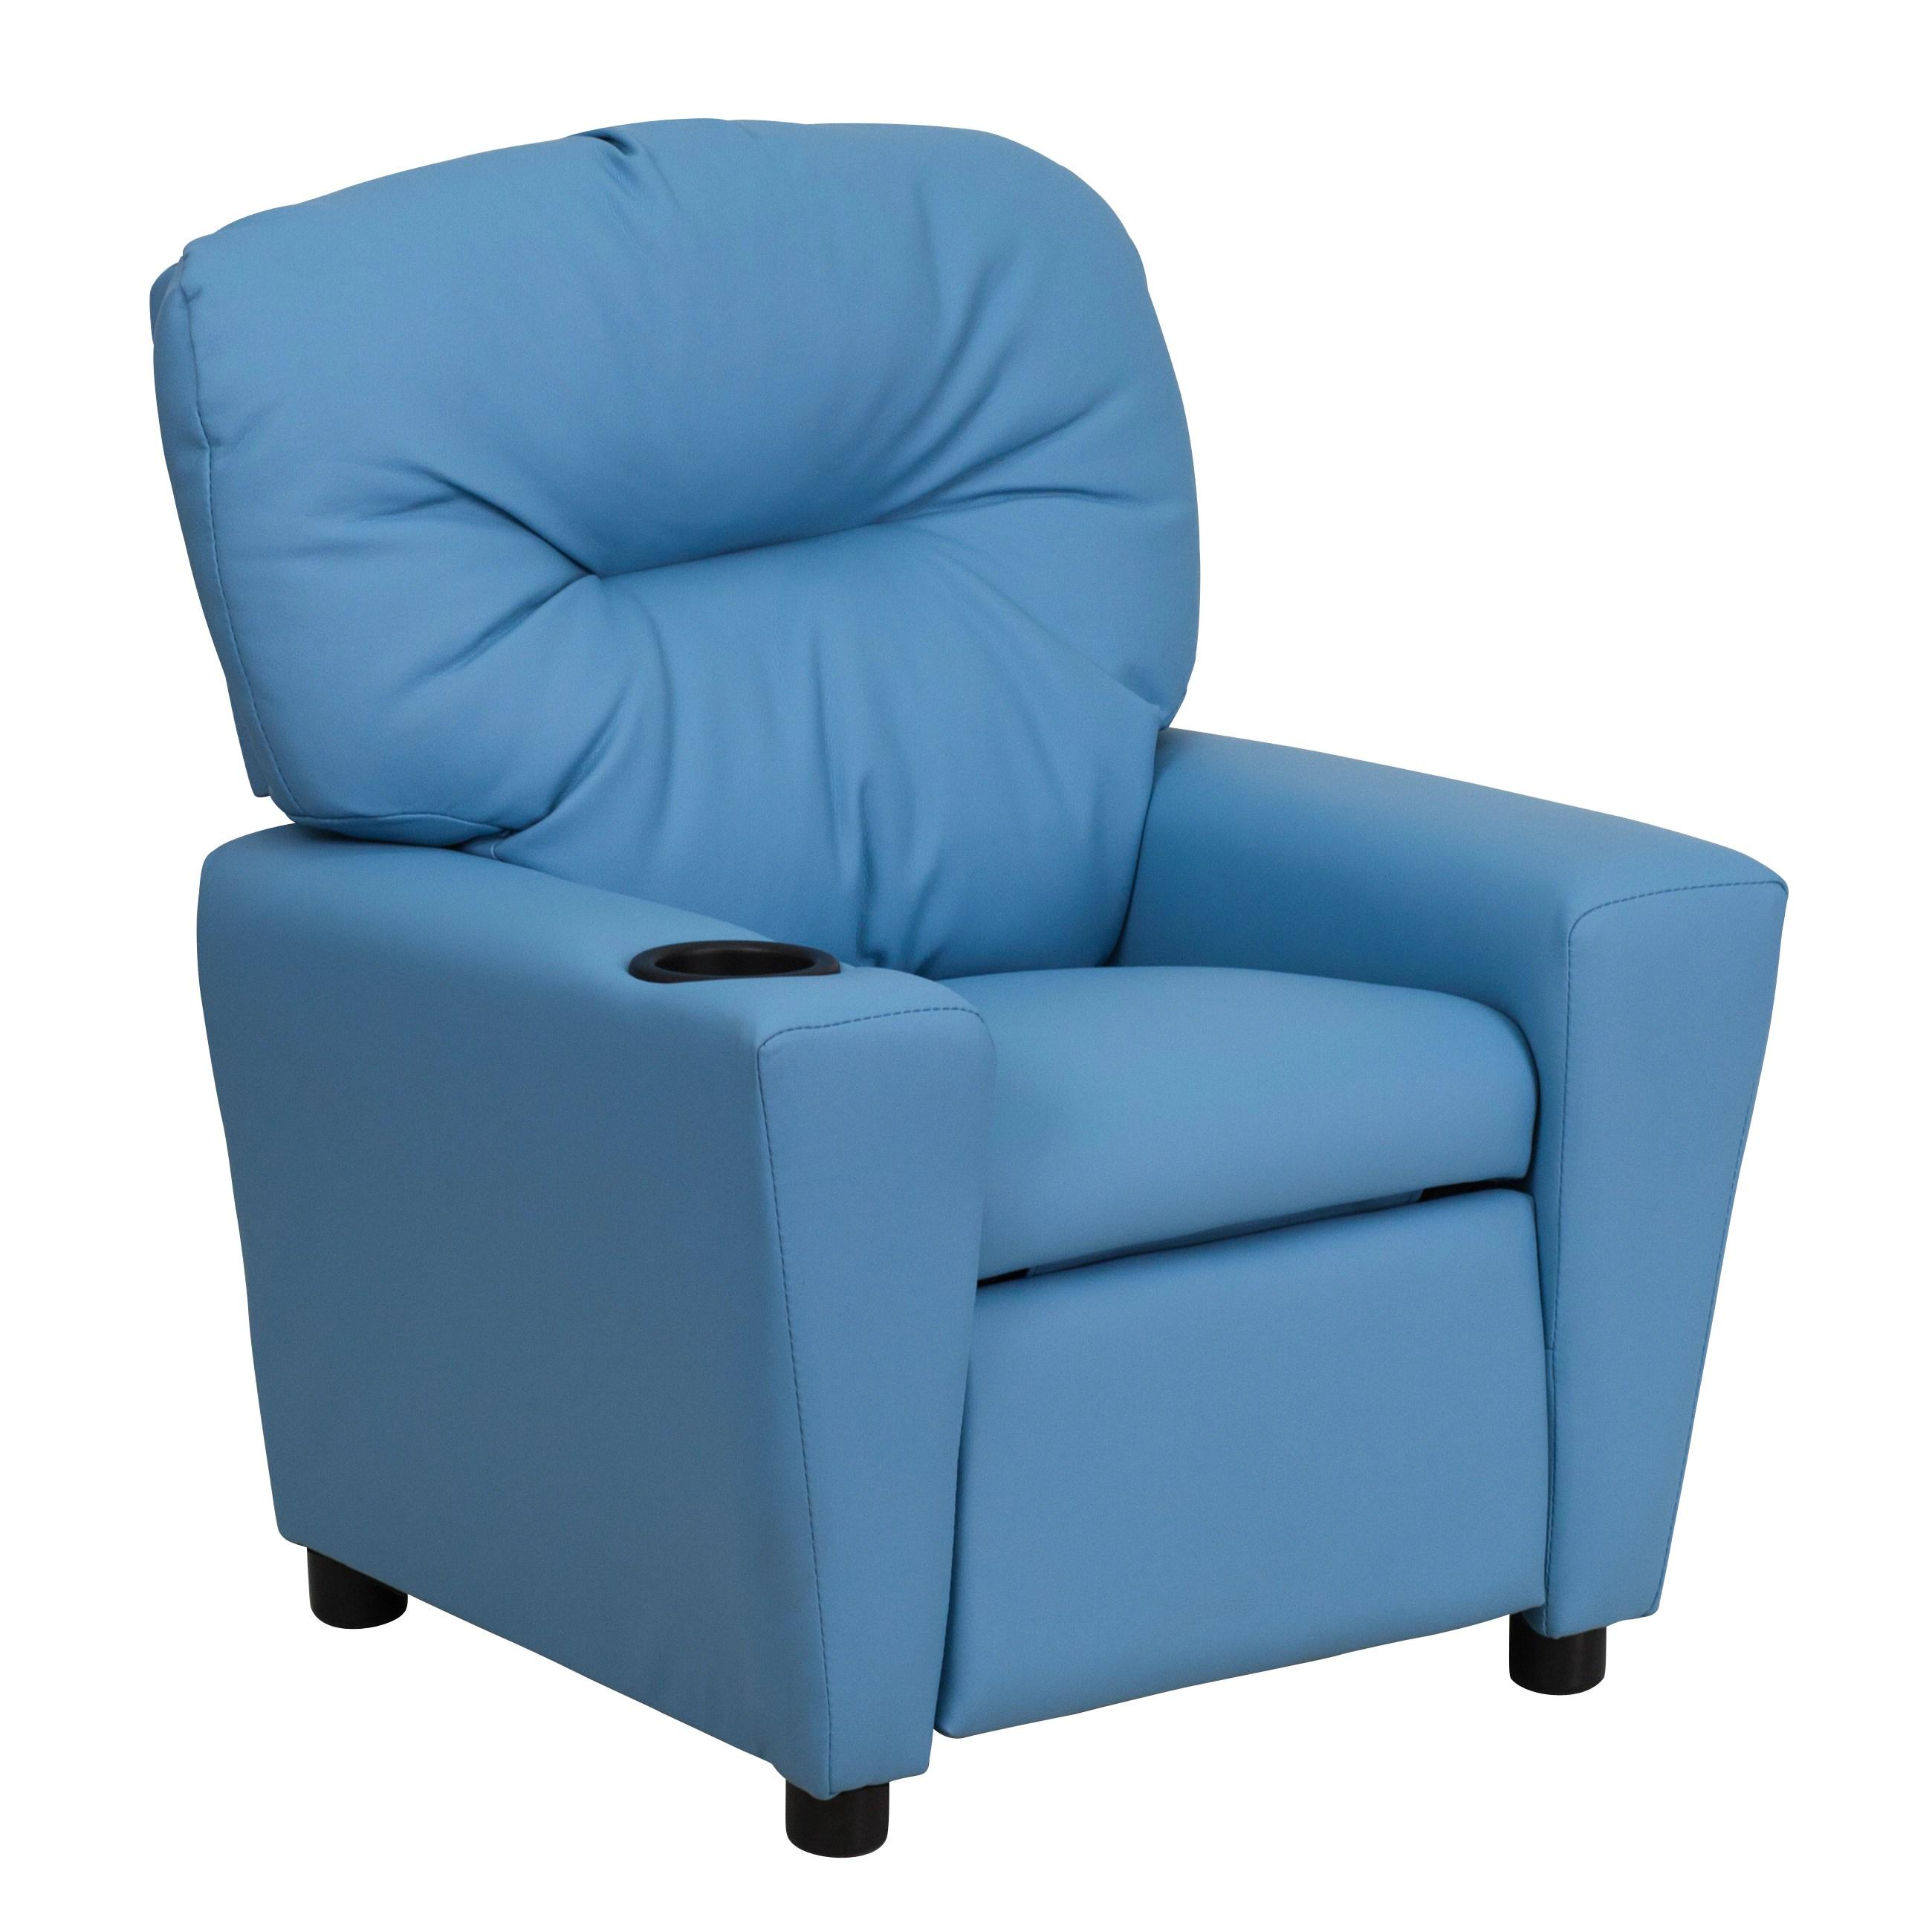 Light Blue Vinyl Kids Recliner Cup Holder Furniture Chair Chairs Children Child  eBay